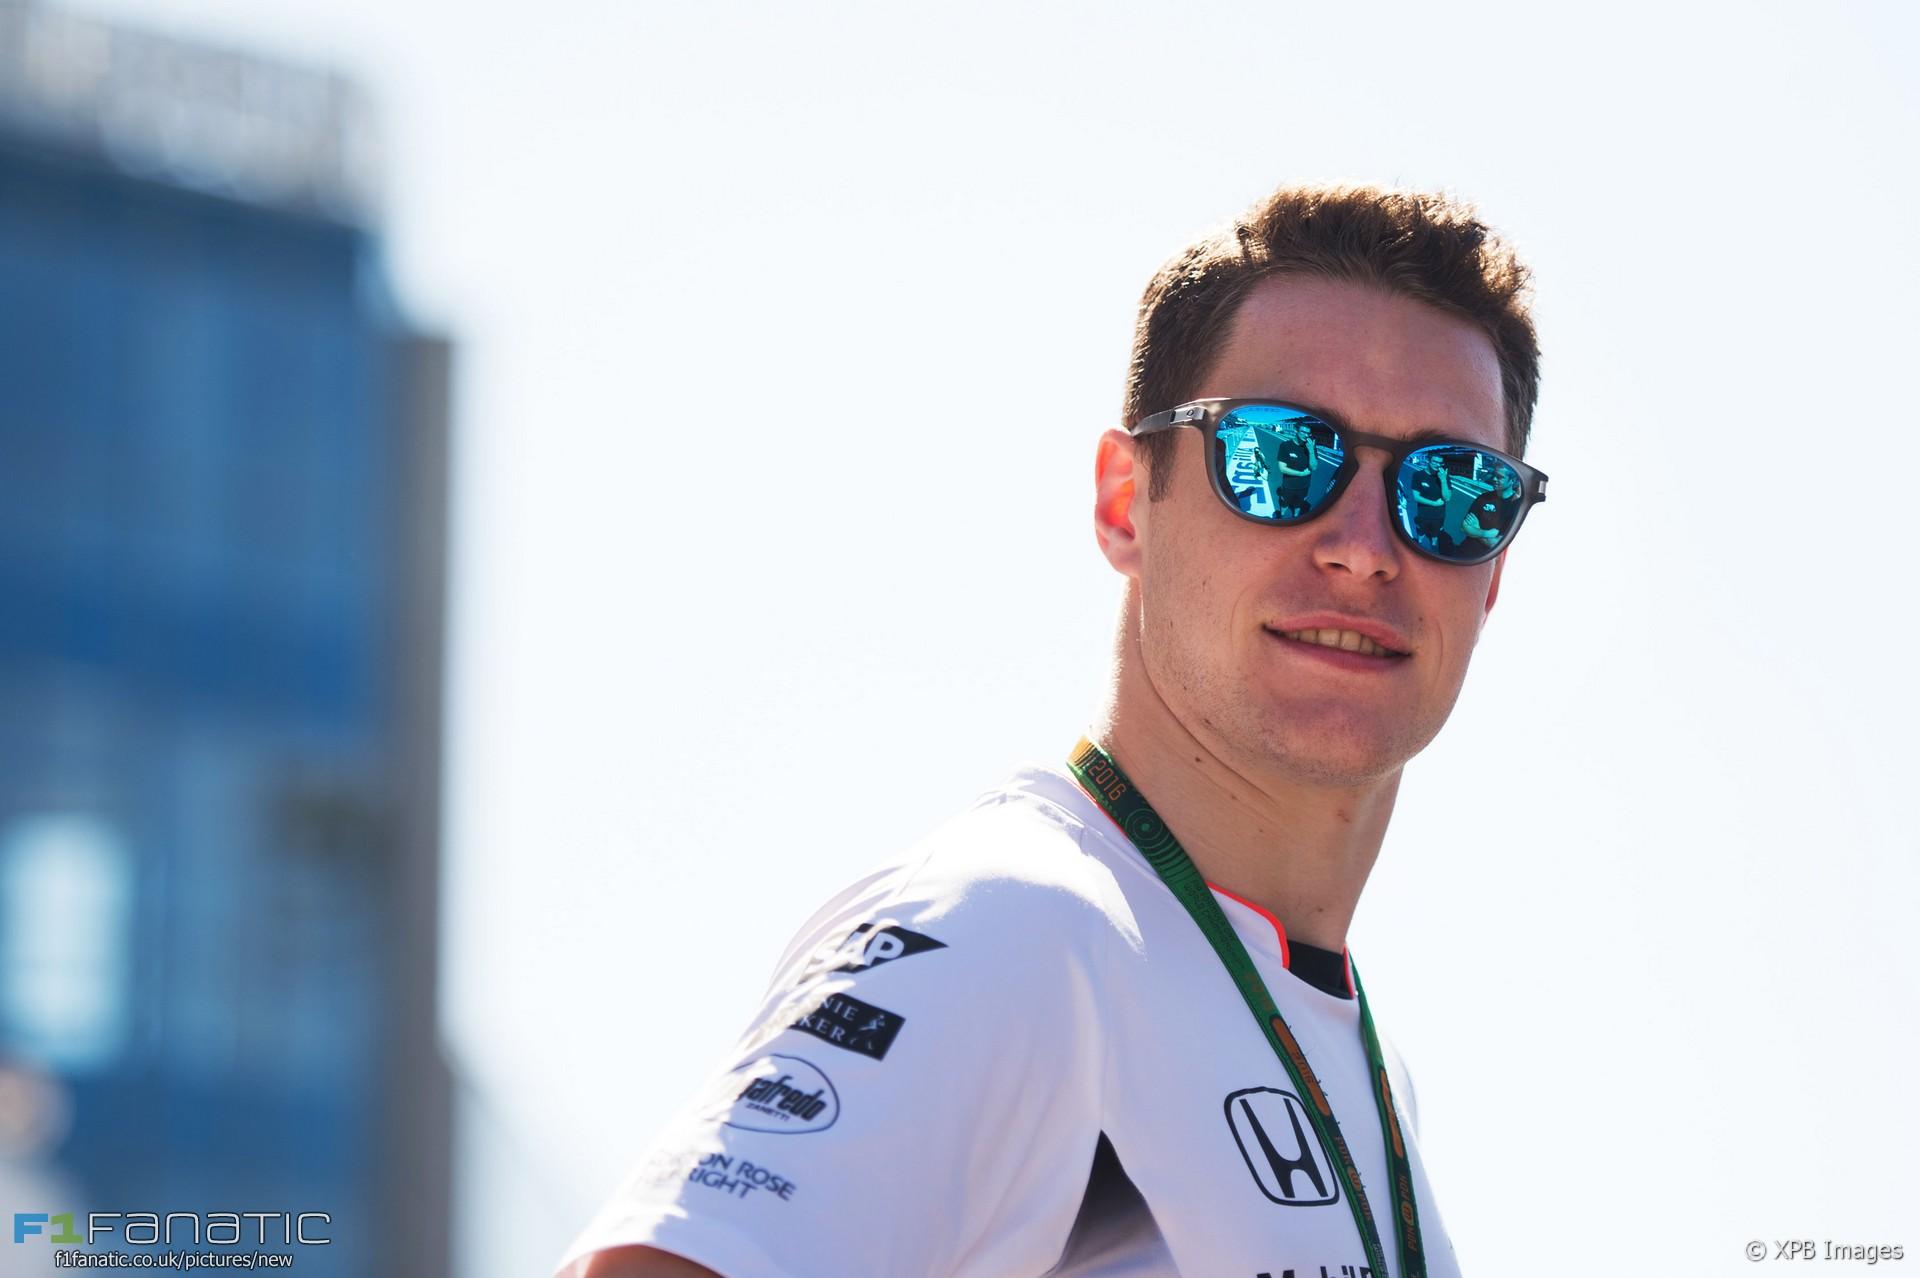 Stoffel Vandoorne, McLaren, Hungaroring, 2016